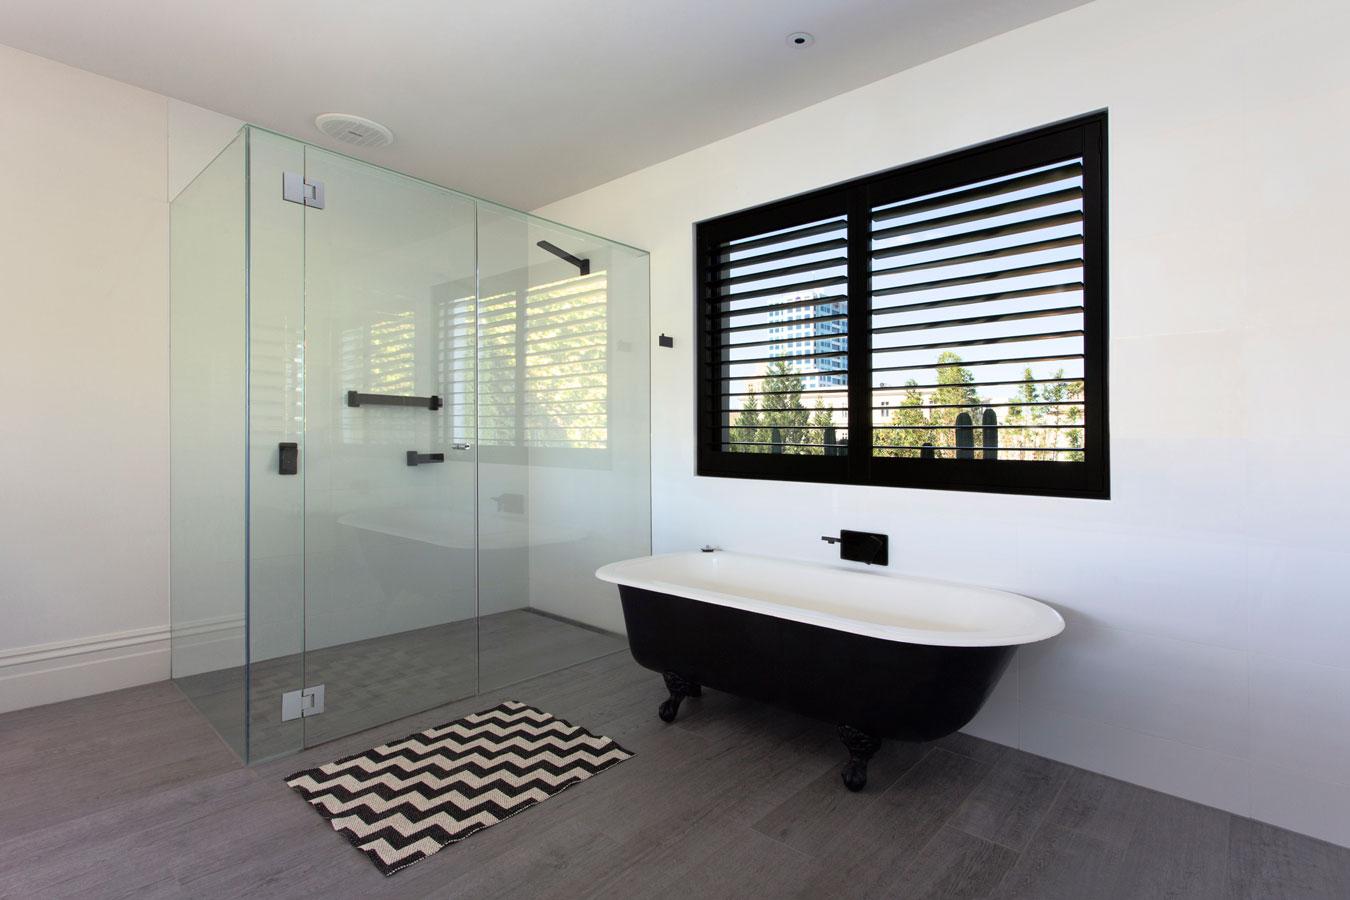 Lilley residence techne 2015 for Salle de bain design luxe noir et blanc